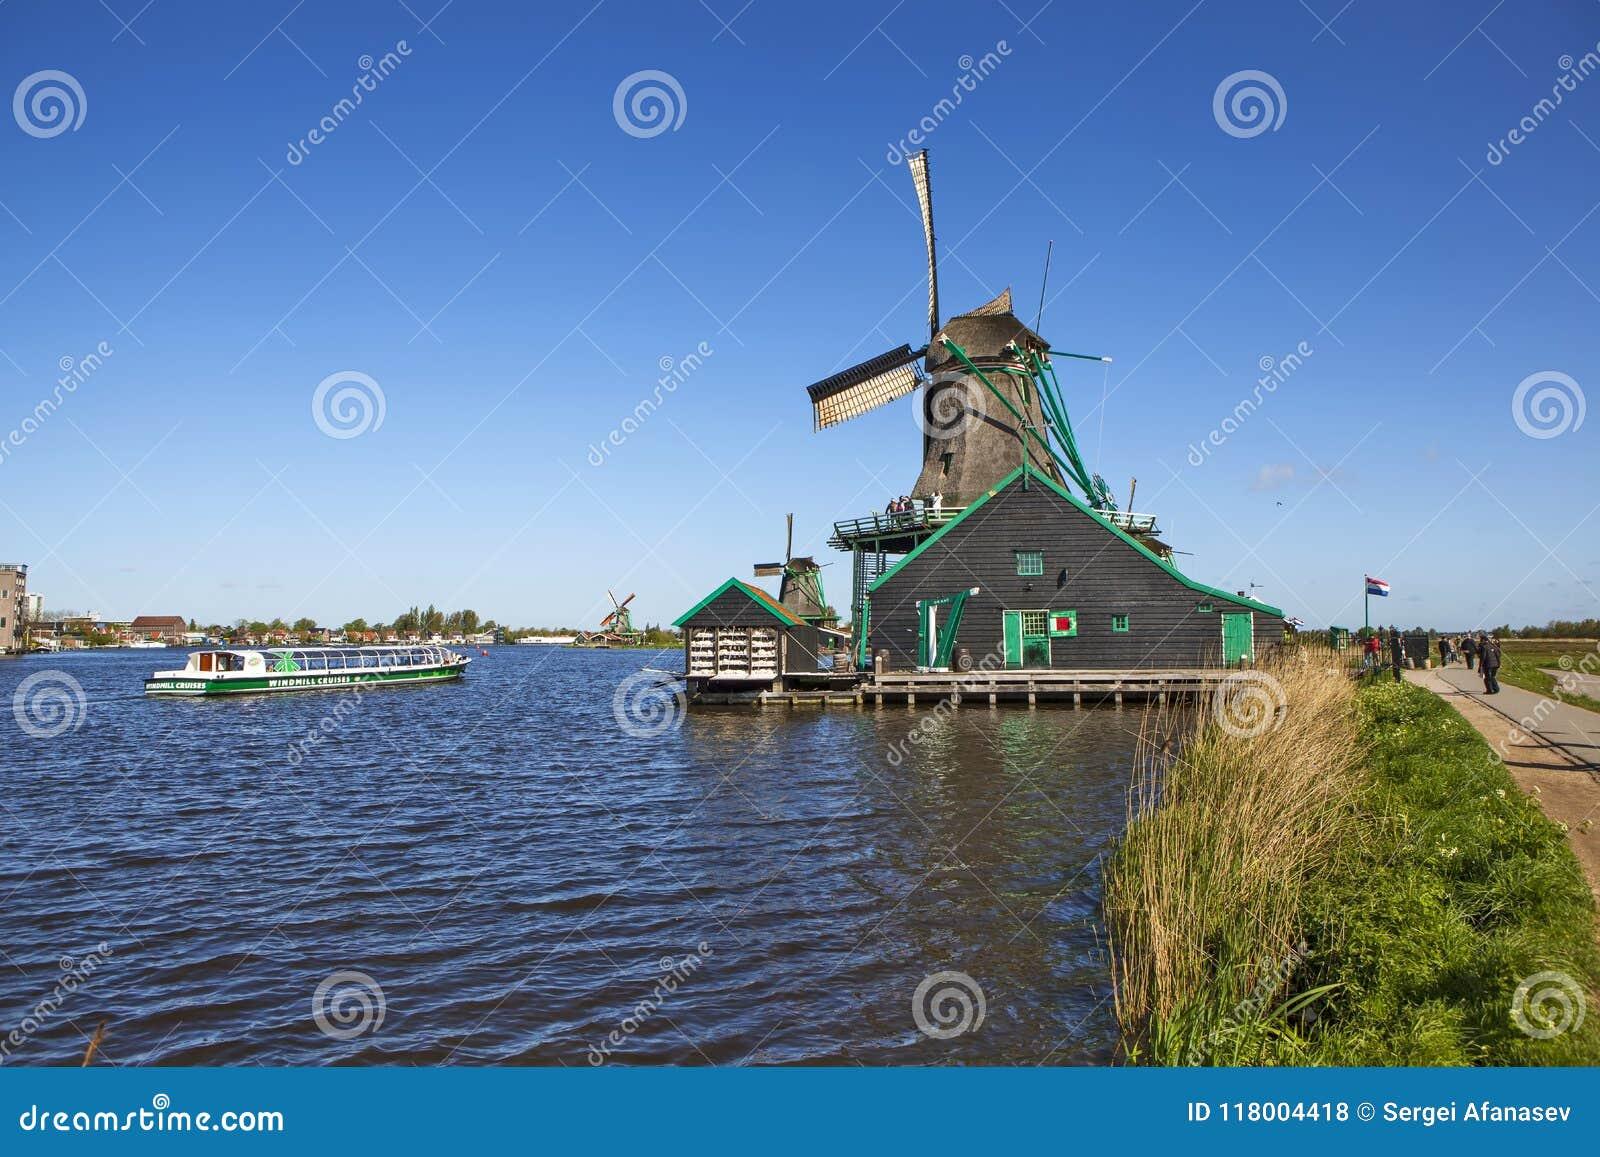 Een schilderachtig etnografisch dorp Zanes-Schans nederland